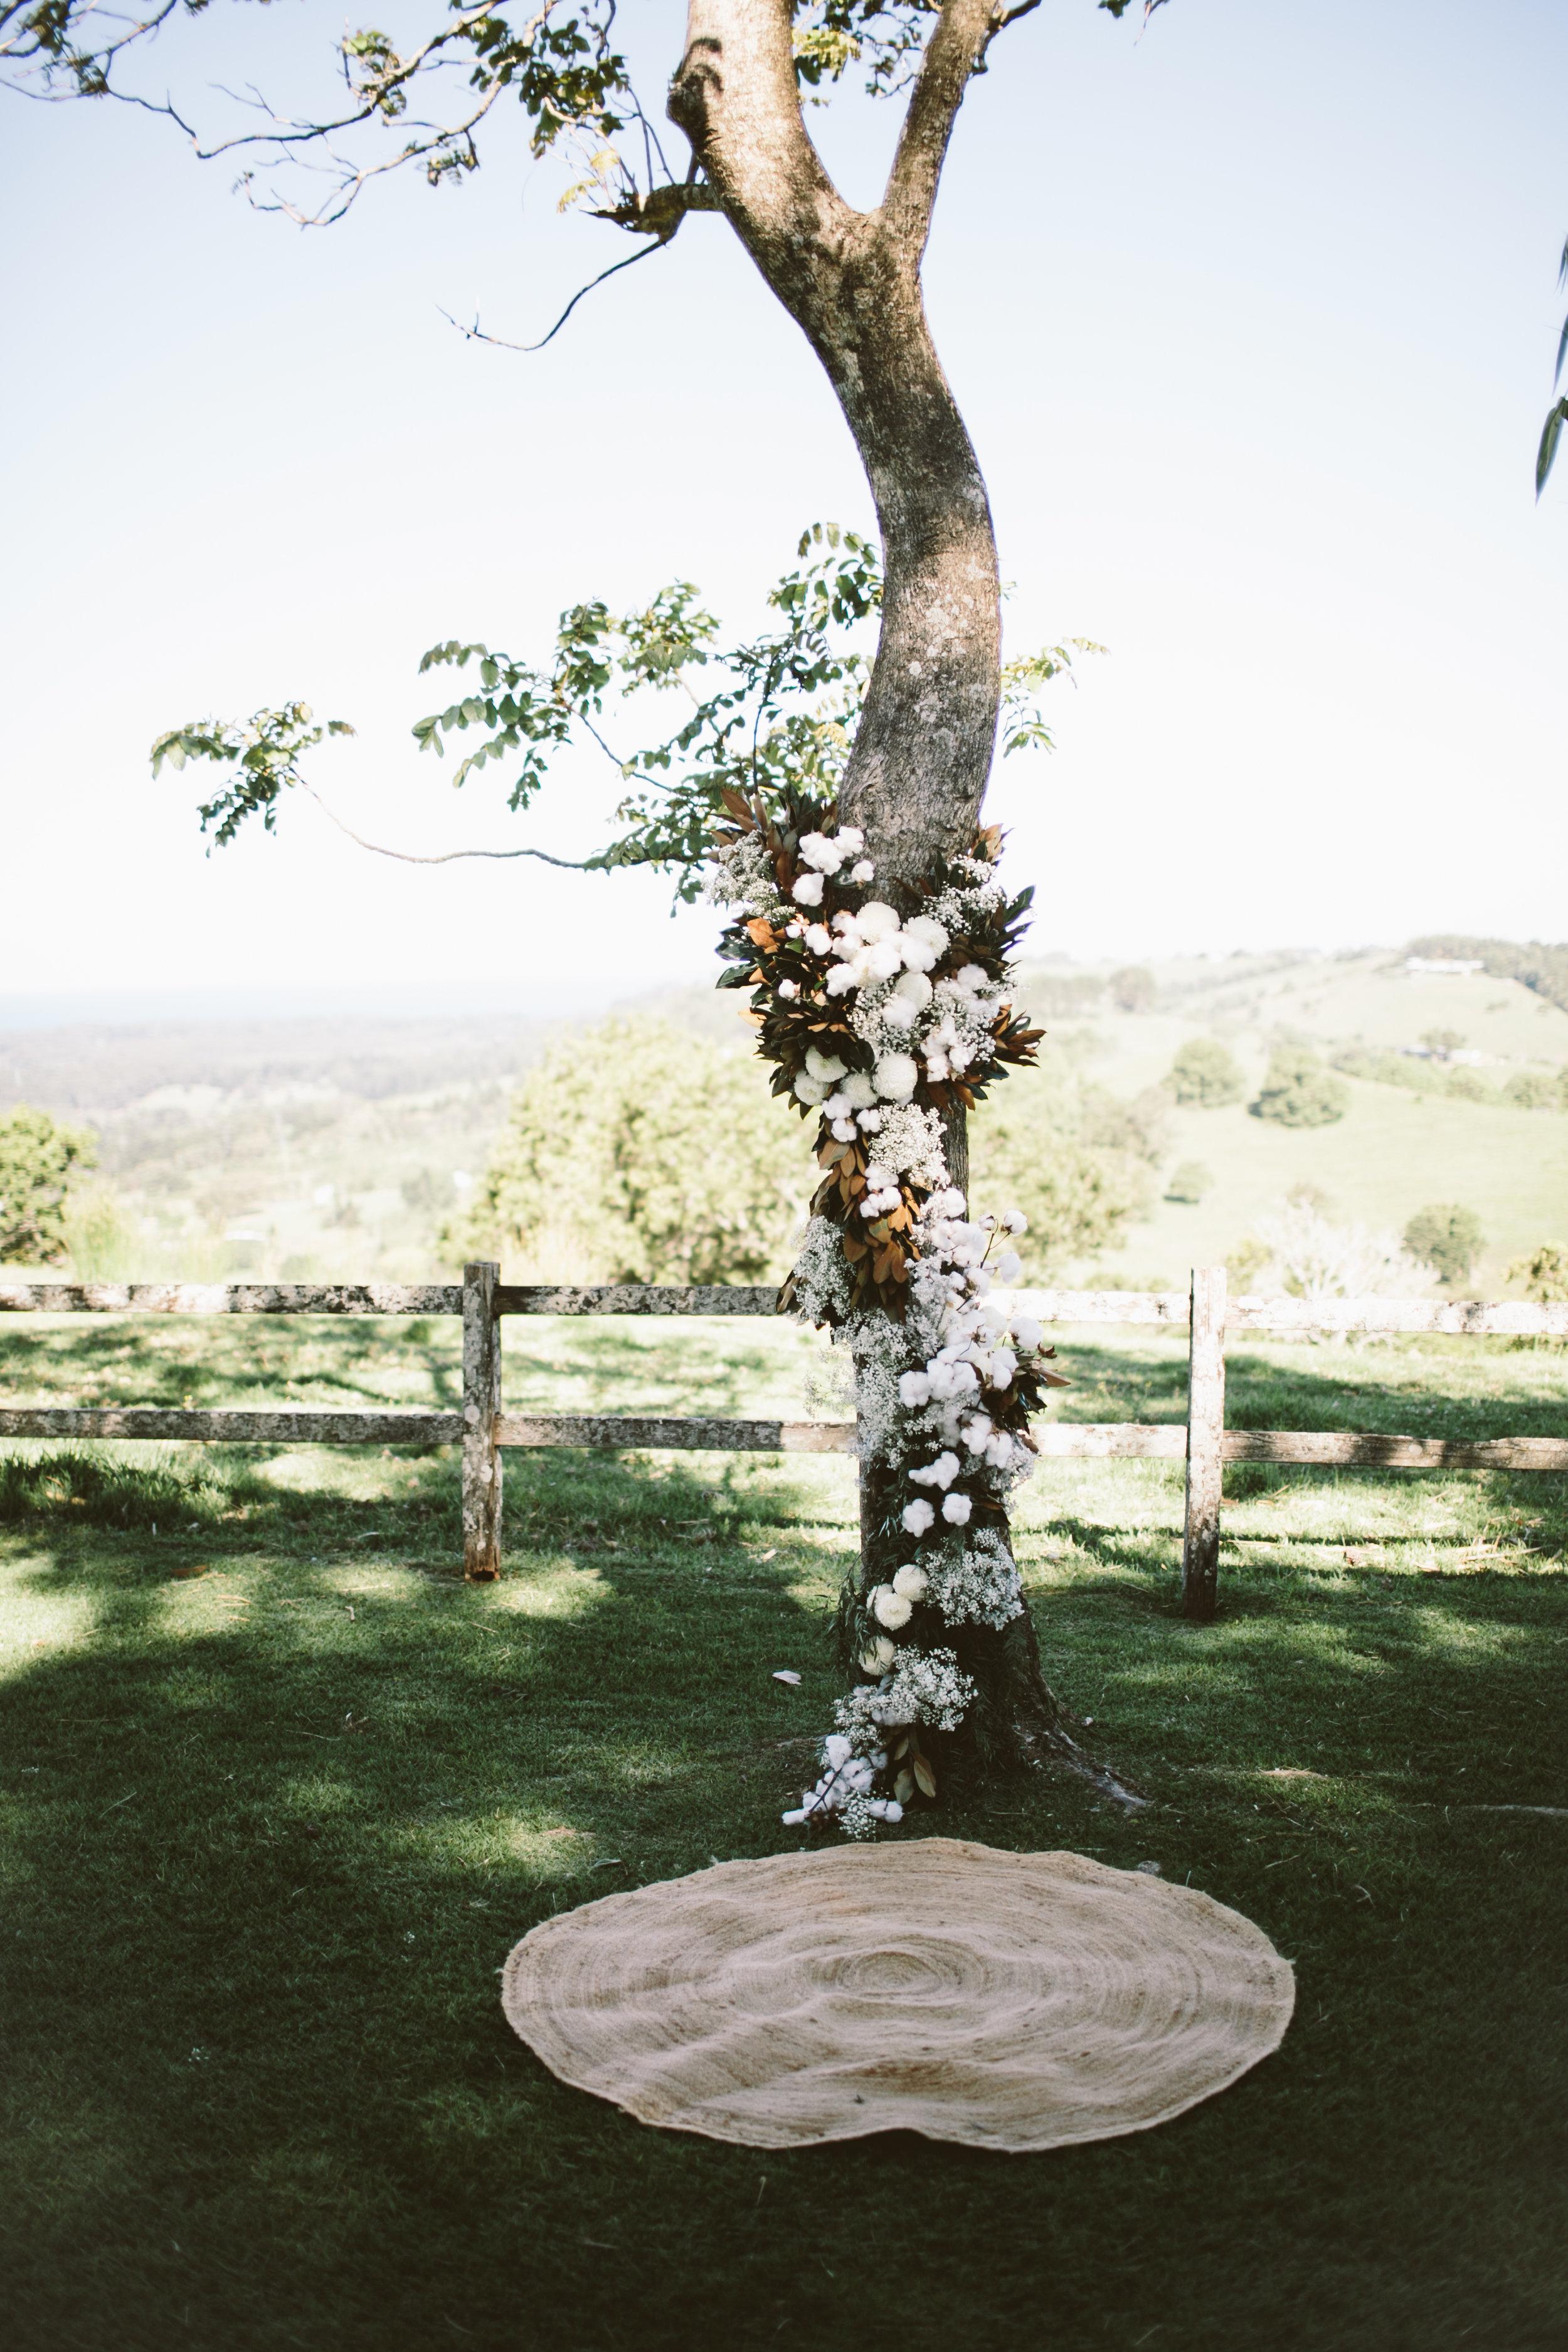 Venue - byronviewfarm | Planner - Elope | Florals - The French Petal